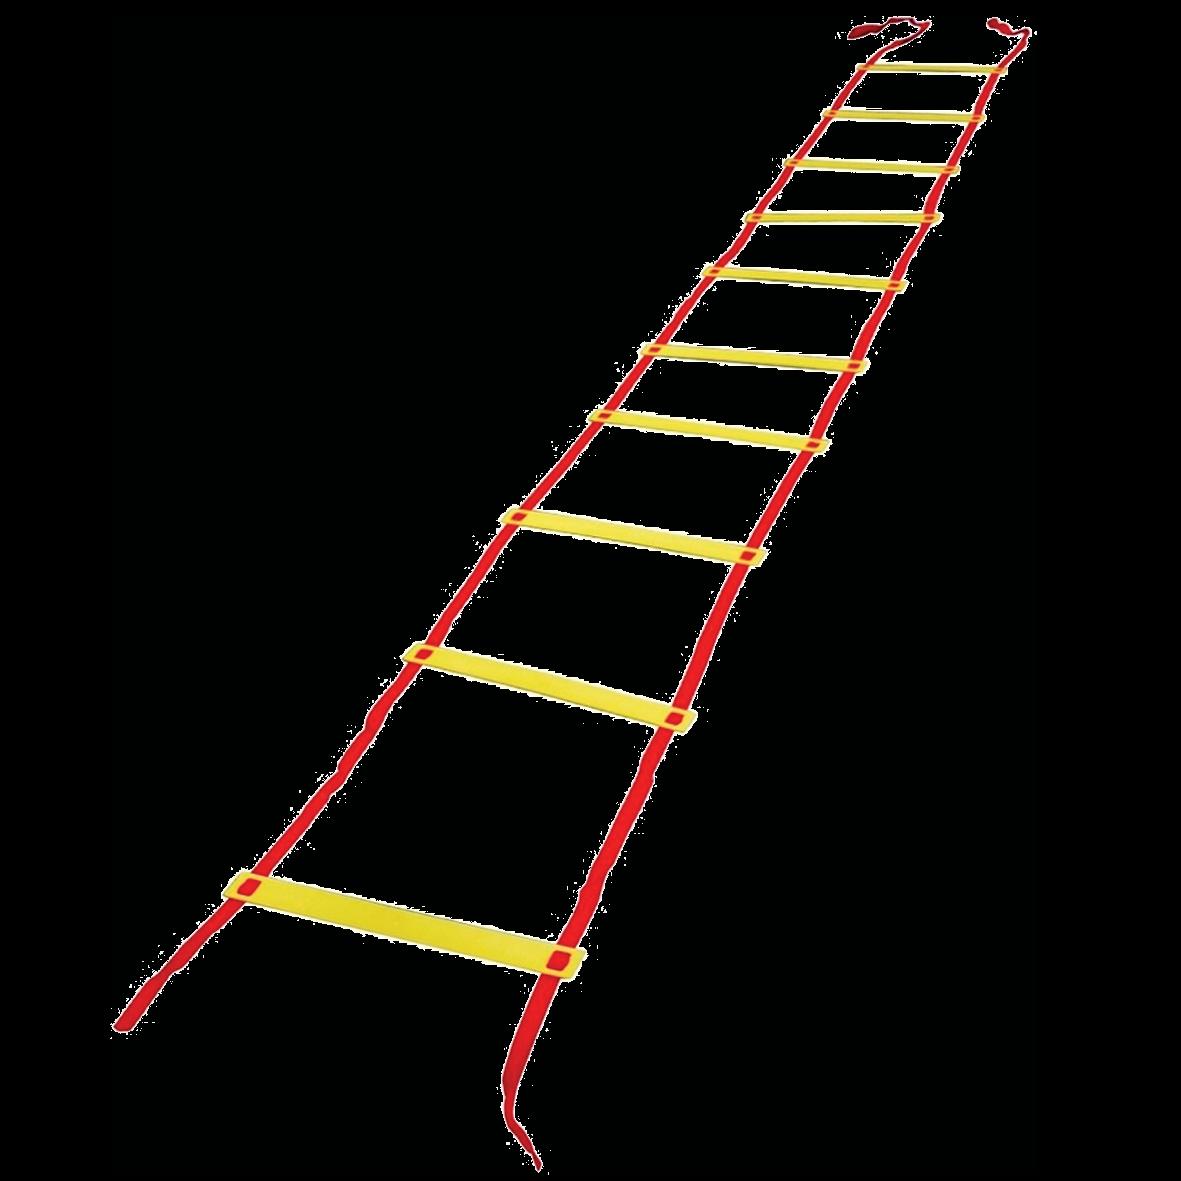 Escalera de coordinaci n tiendita as me gusta aprender for Escaleras infinitas